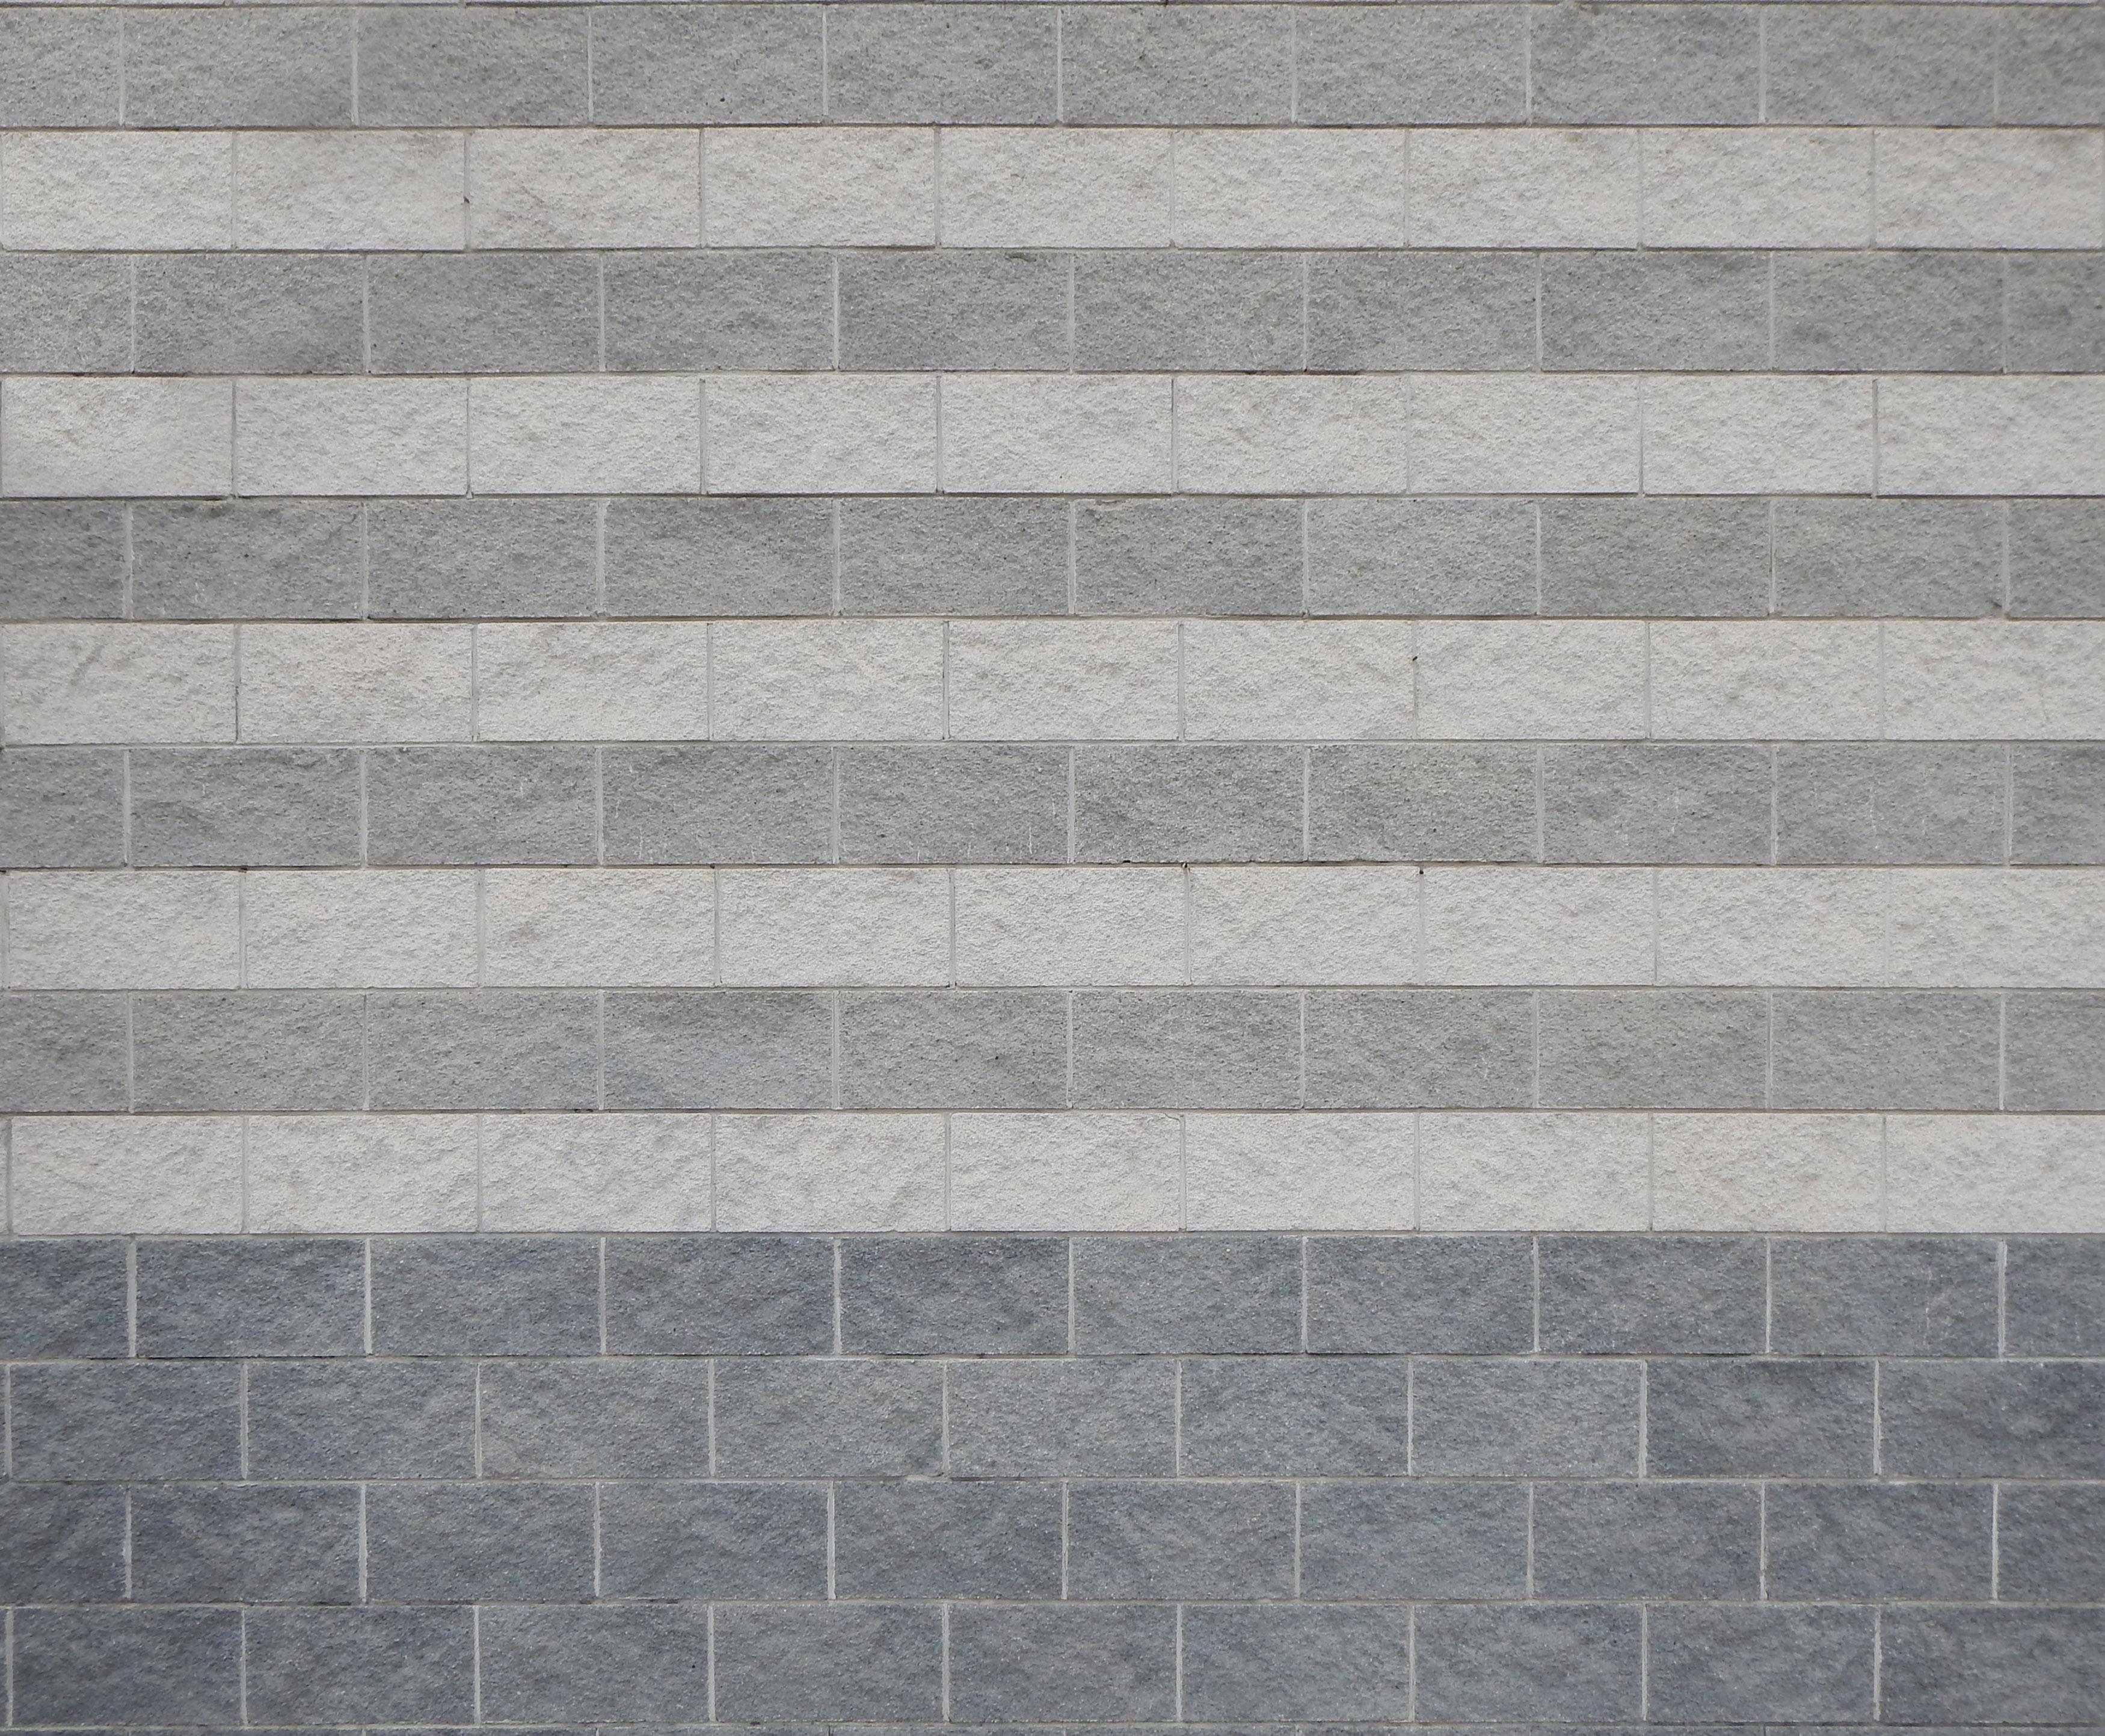 Free Photo Concrete Tiles Texture Concrete Pavement